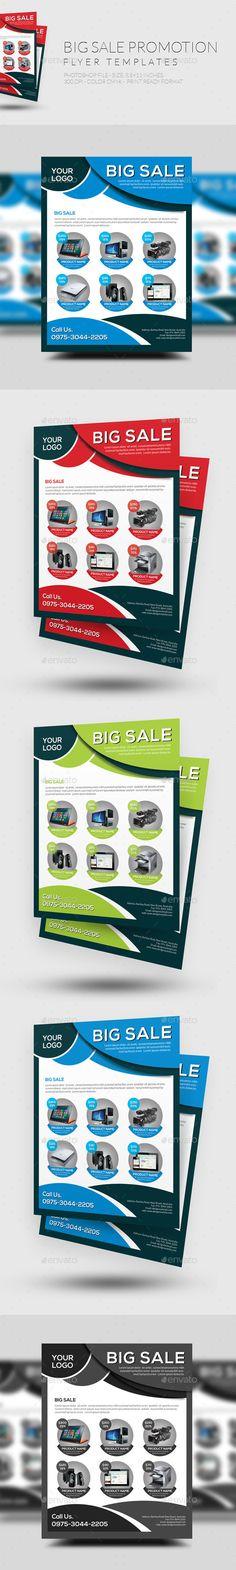 Big Sale Promotion Flyer Template #design Download: http://graphicriver.net/item/big-sale-promotion-flyer/12417128?ref=ksioks